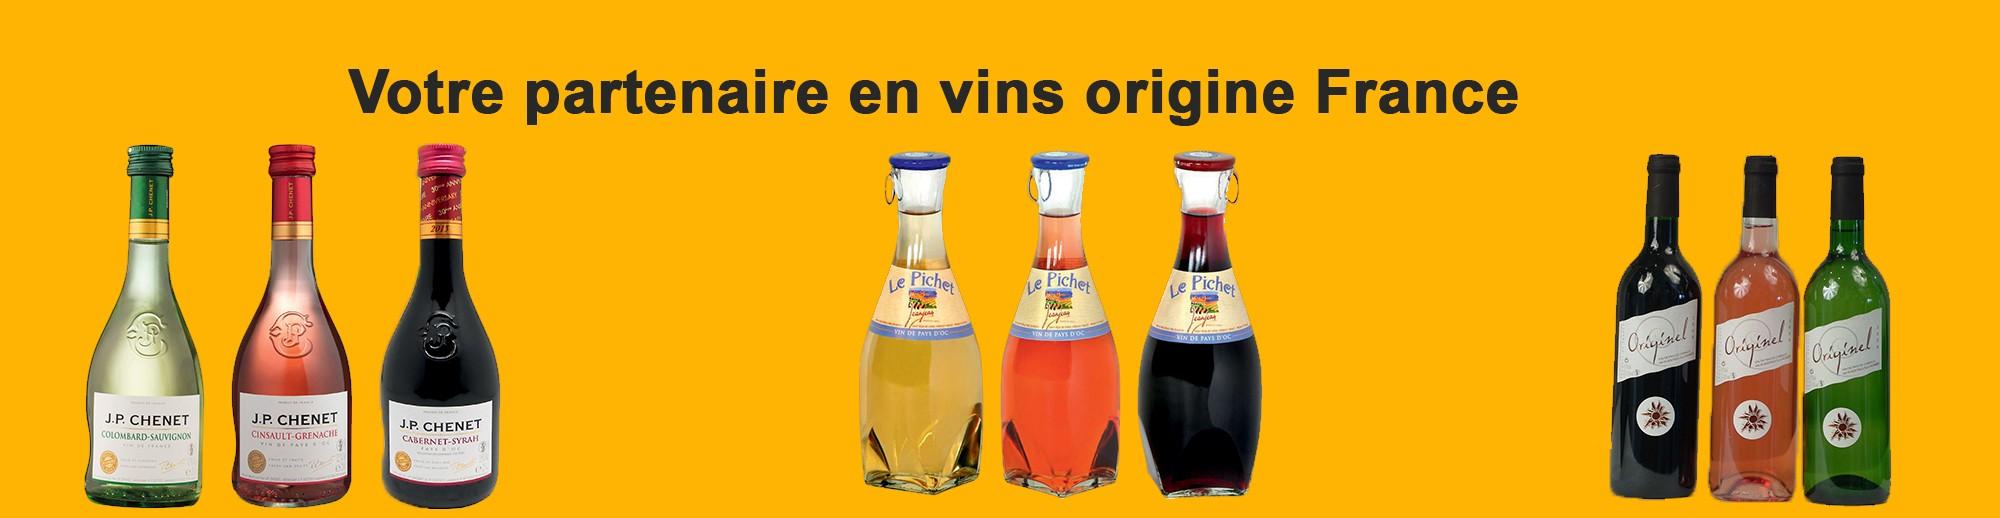 Partenaire vins